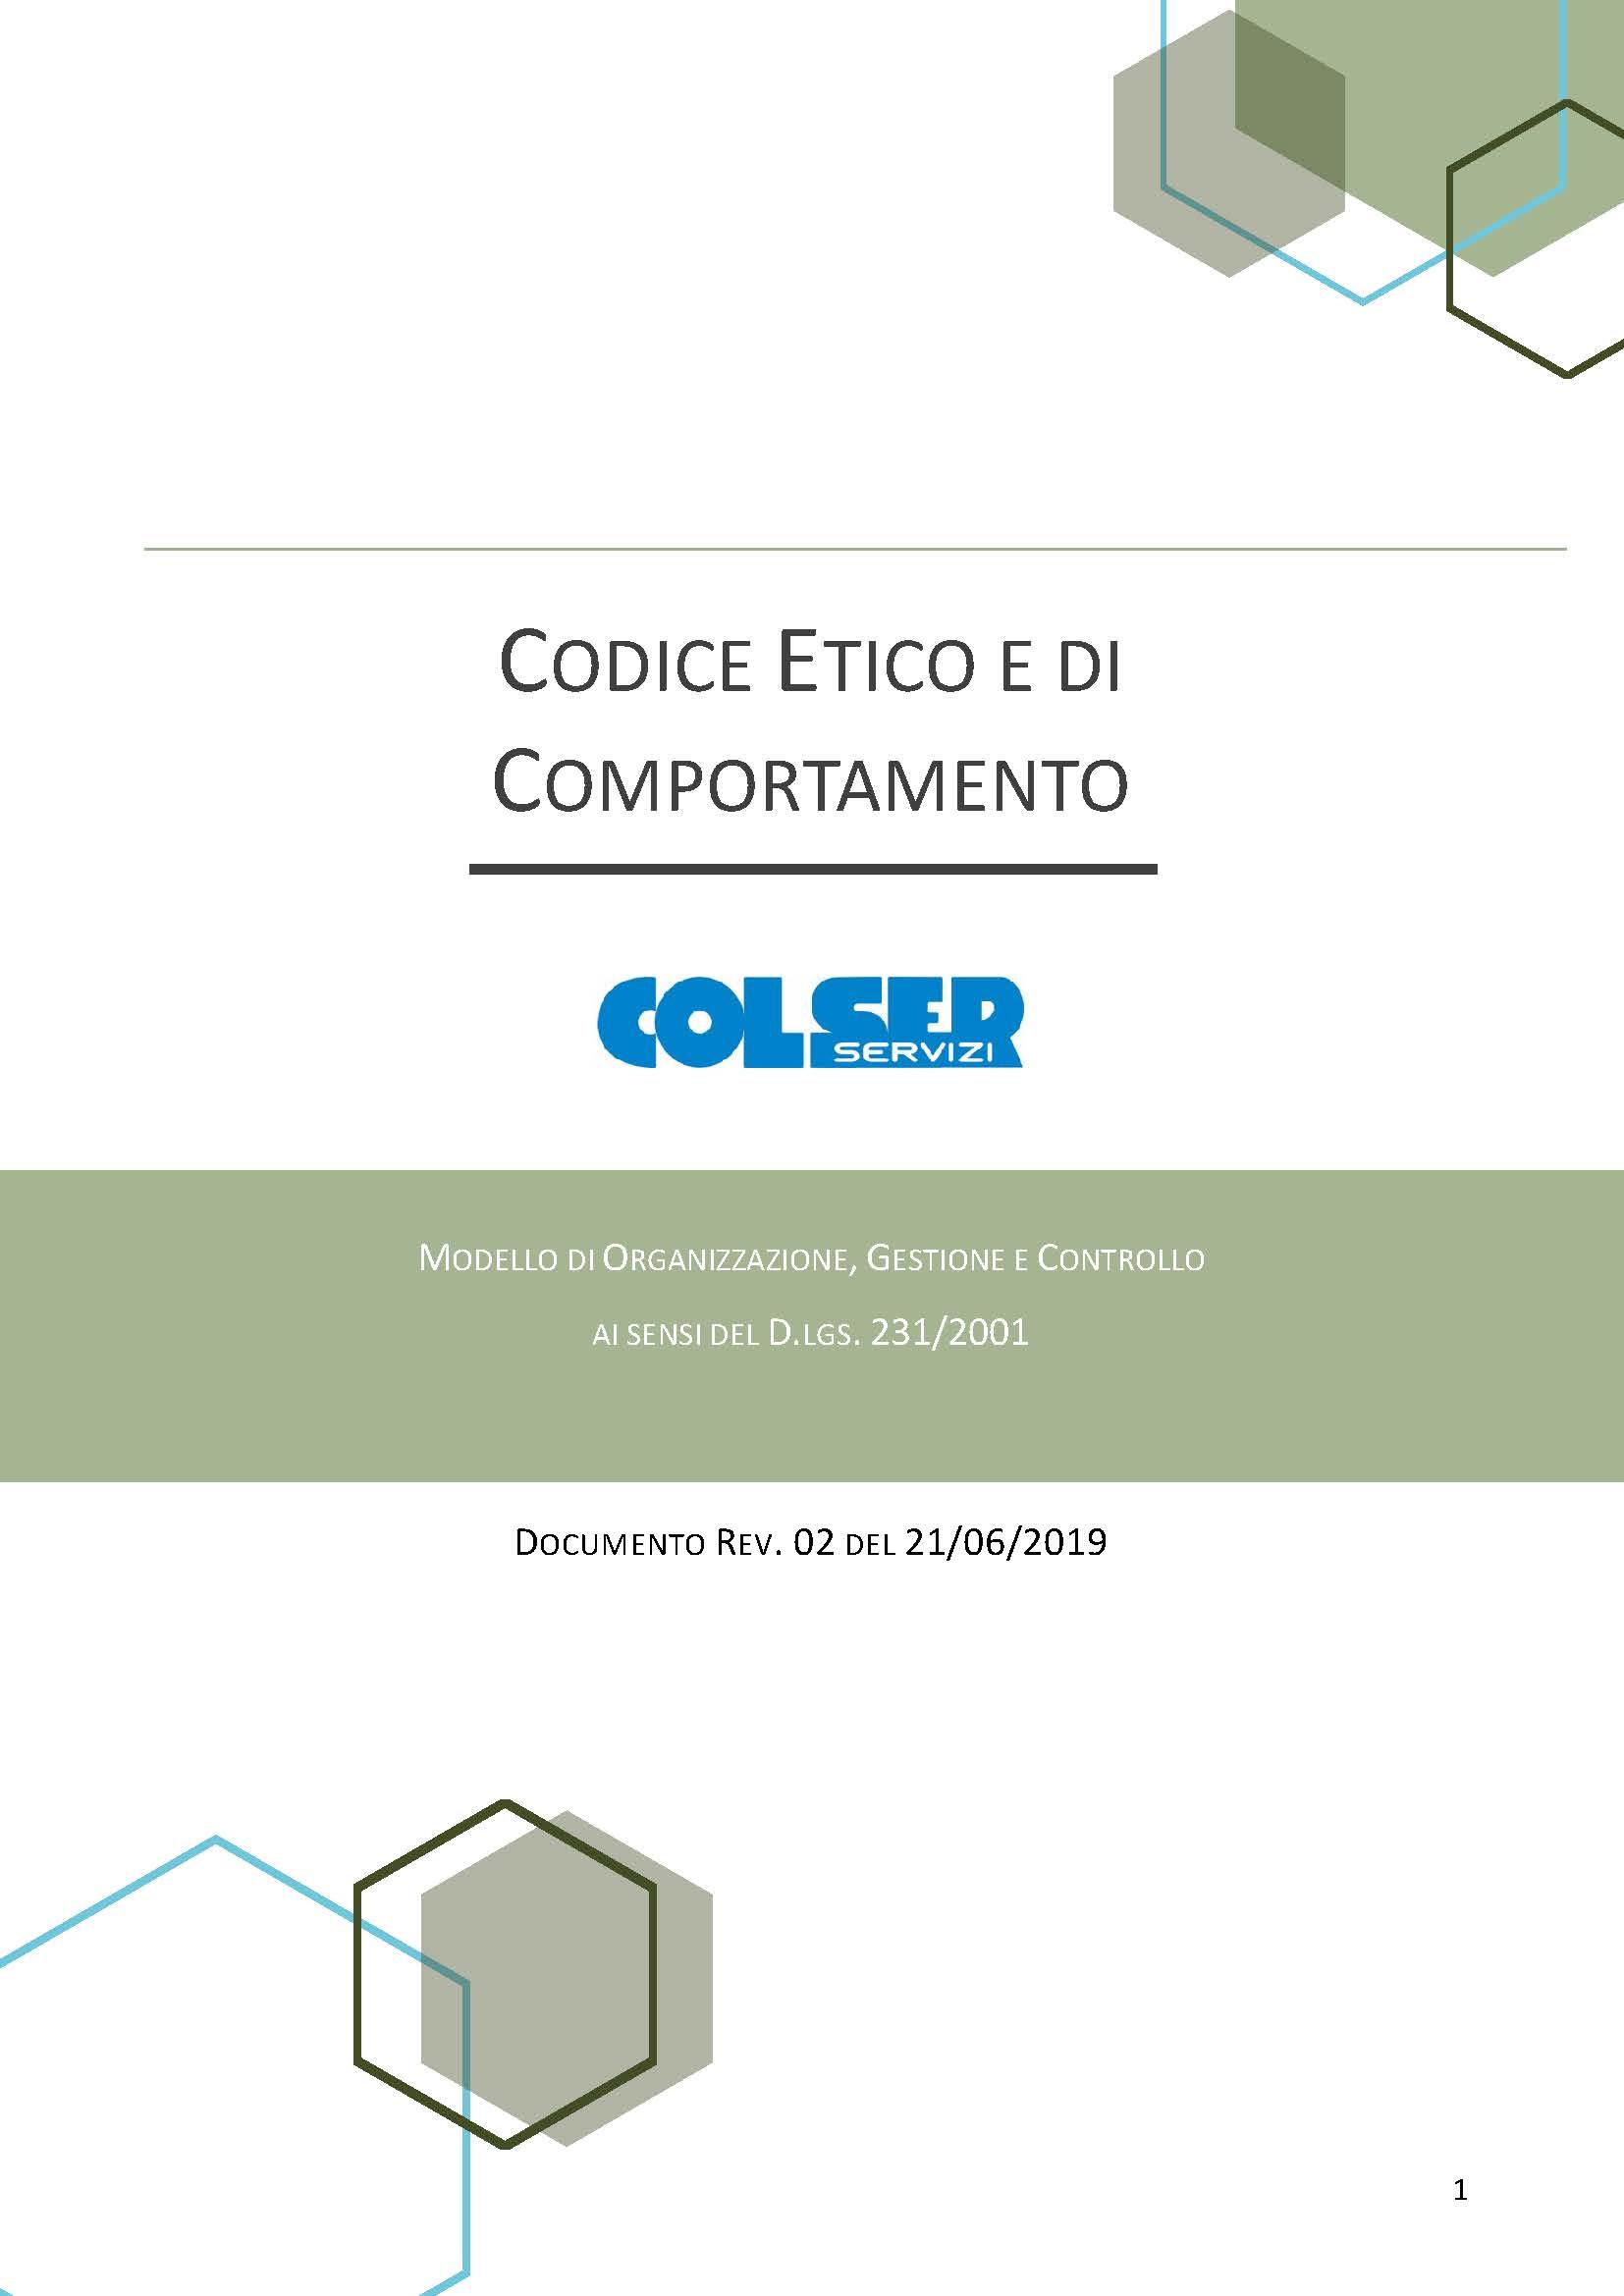 Codice Etico e di Comportamento - 2019